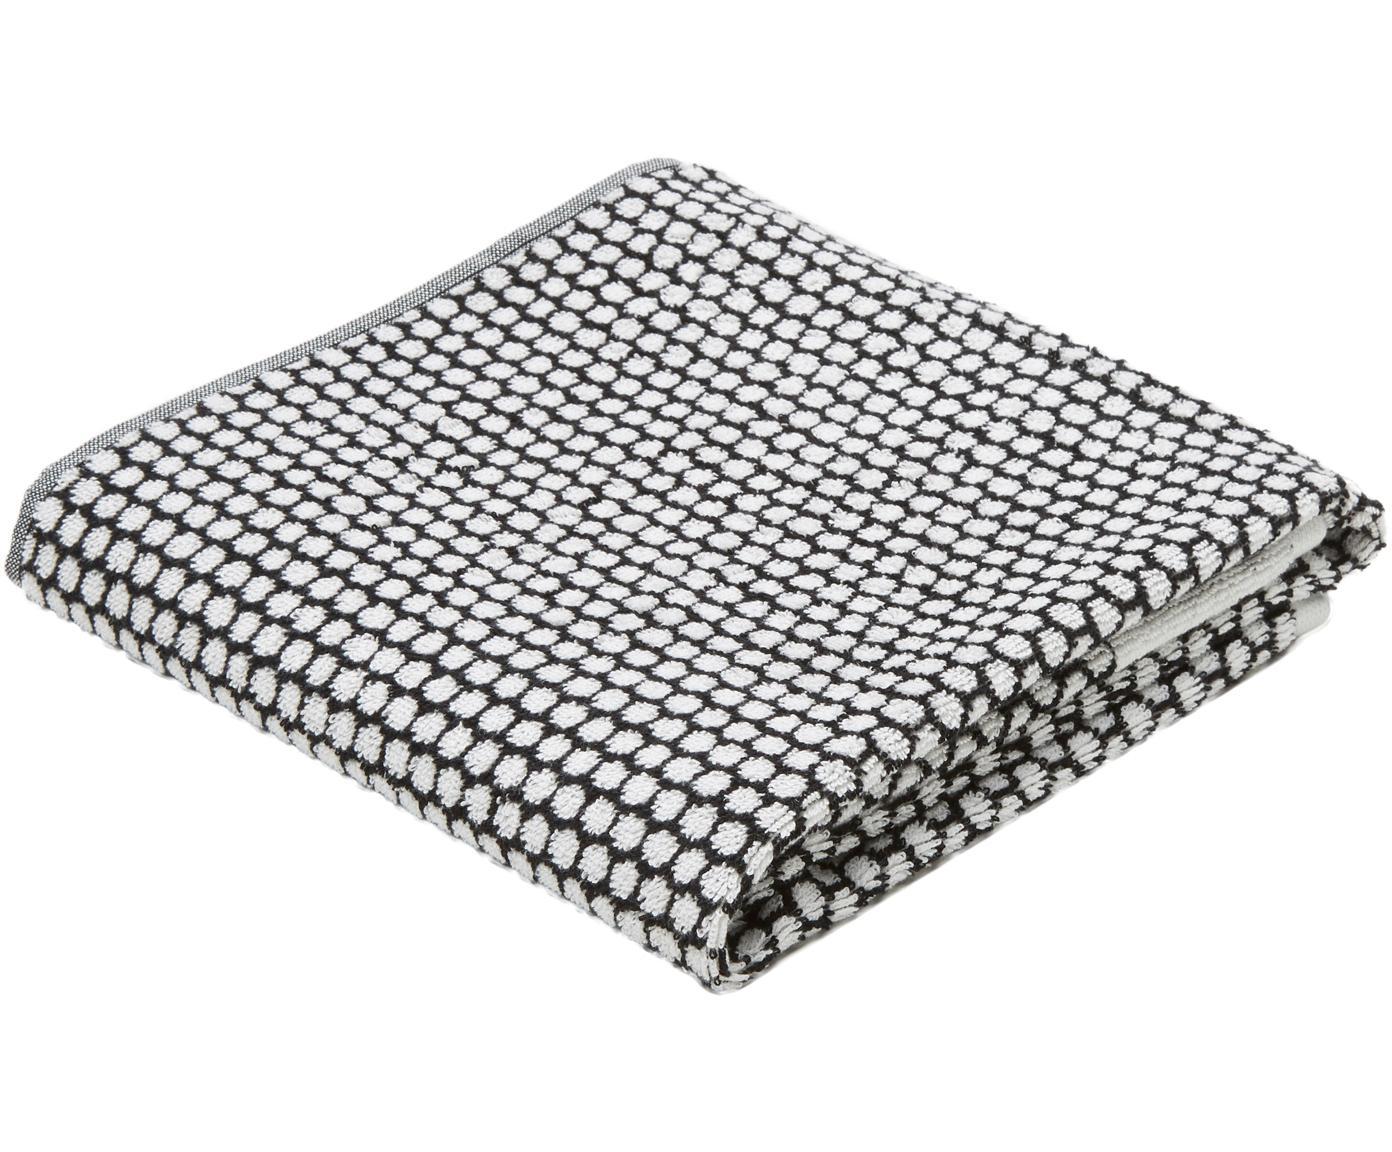 Gestippelde handdoek Grid, Katoen, middelzware kwaliteit, 540 g/m², Zwart, gebroken wit, Handdoek